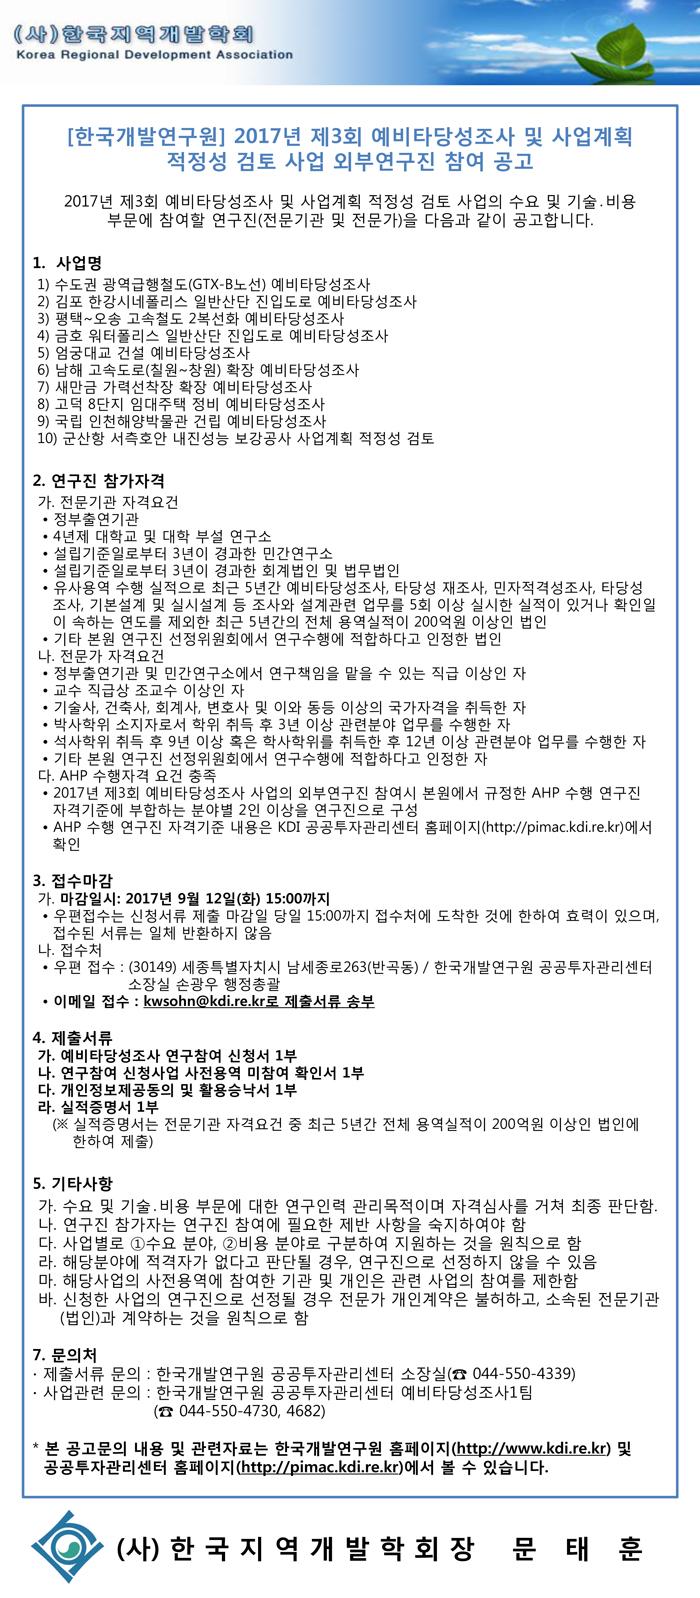 [한국개발연구원]2017년-제3회-예비타당성조사-외부연구진-참여-공고.jpg